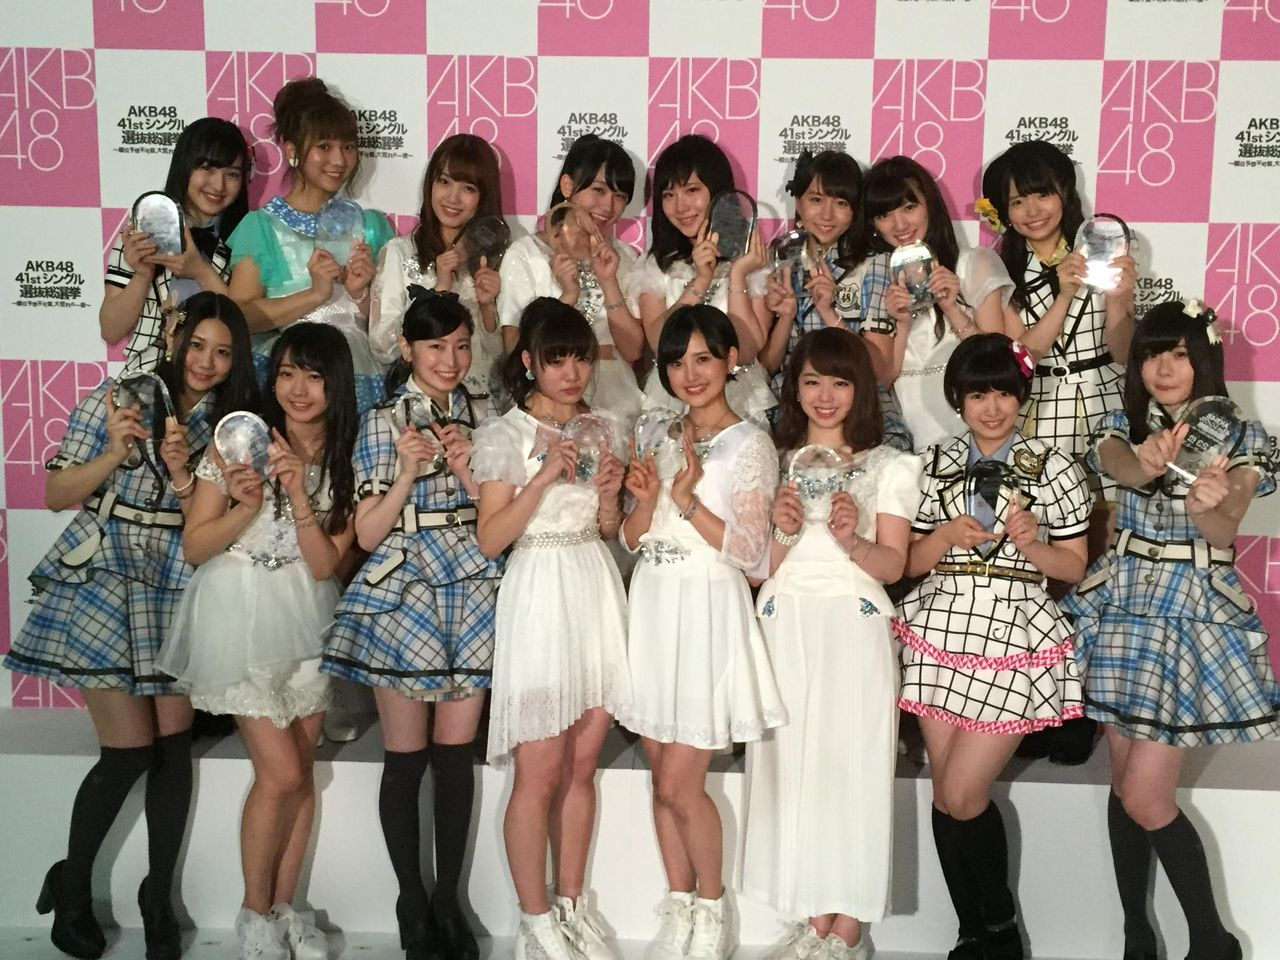 【エンタメ画像】【悲報】須田亜香里のせいでアンダーガールズの集合写真が台無しに【SKE48】